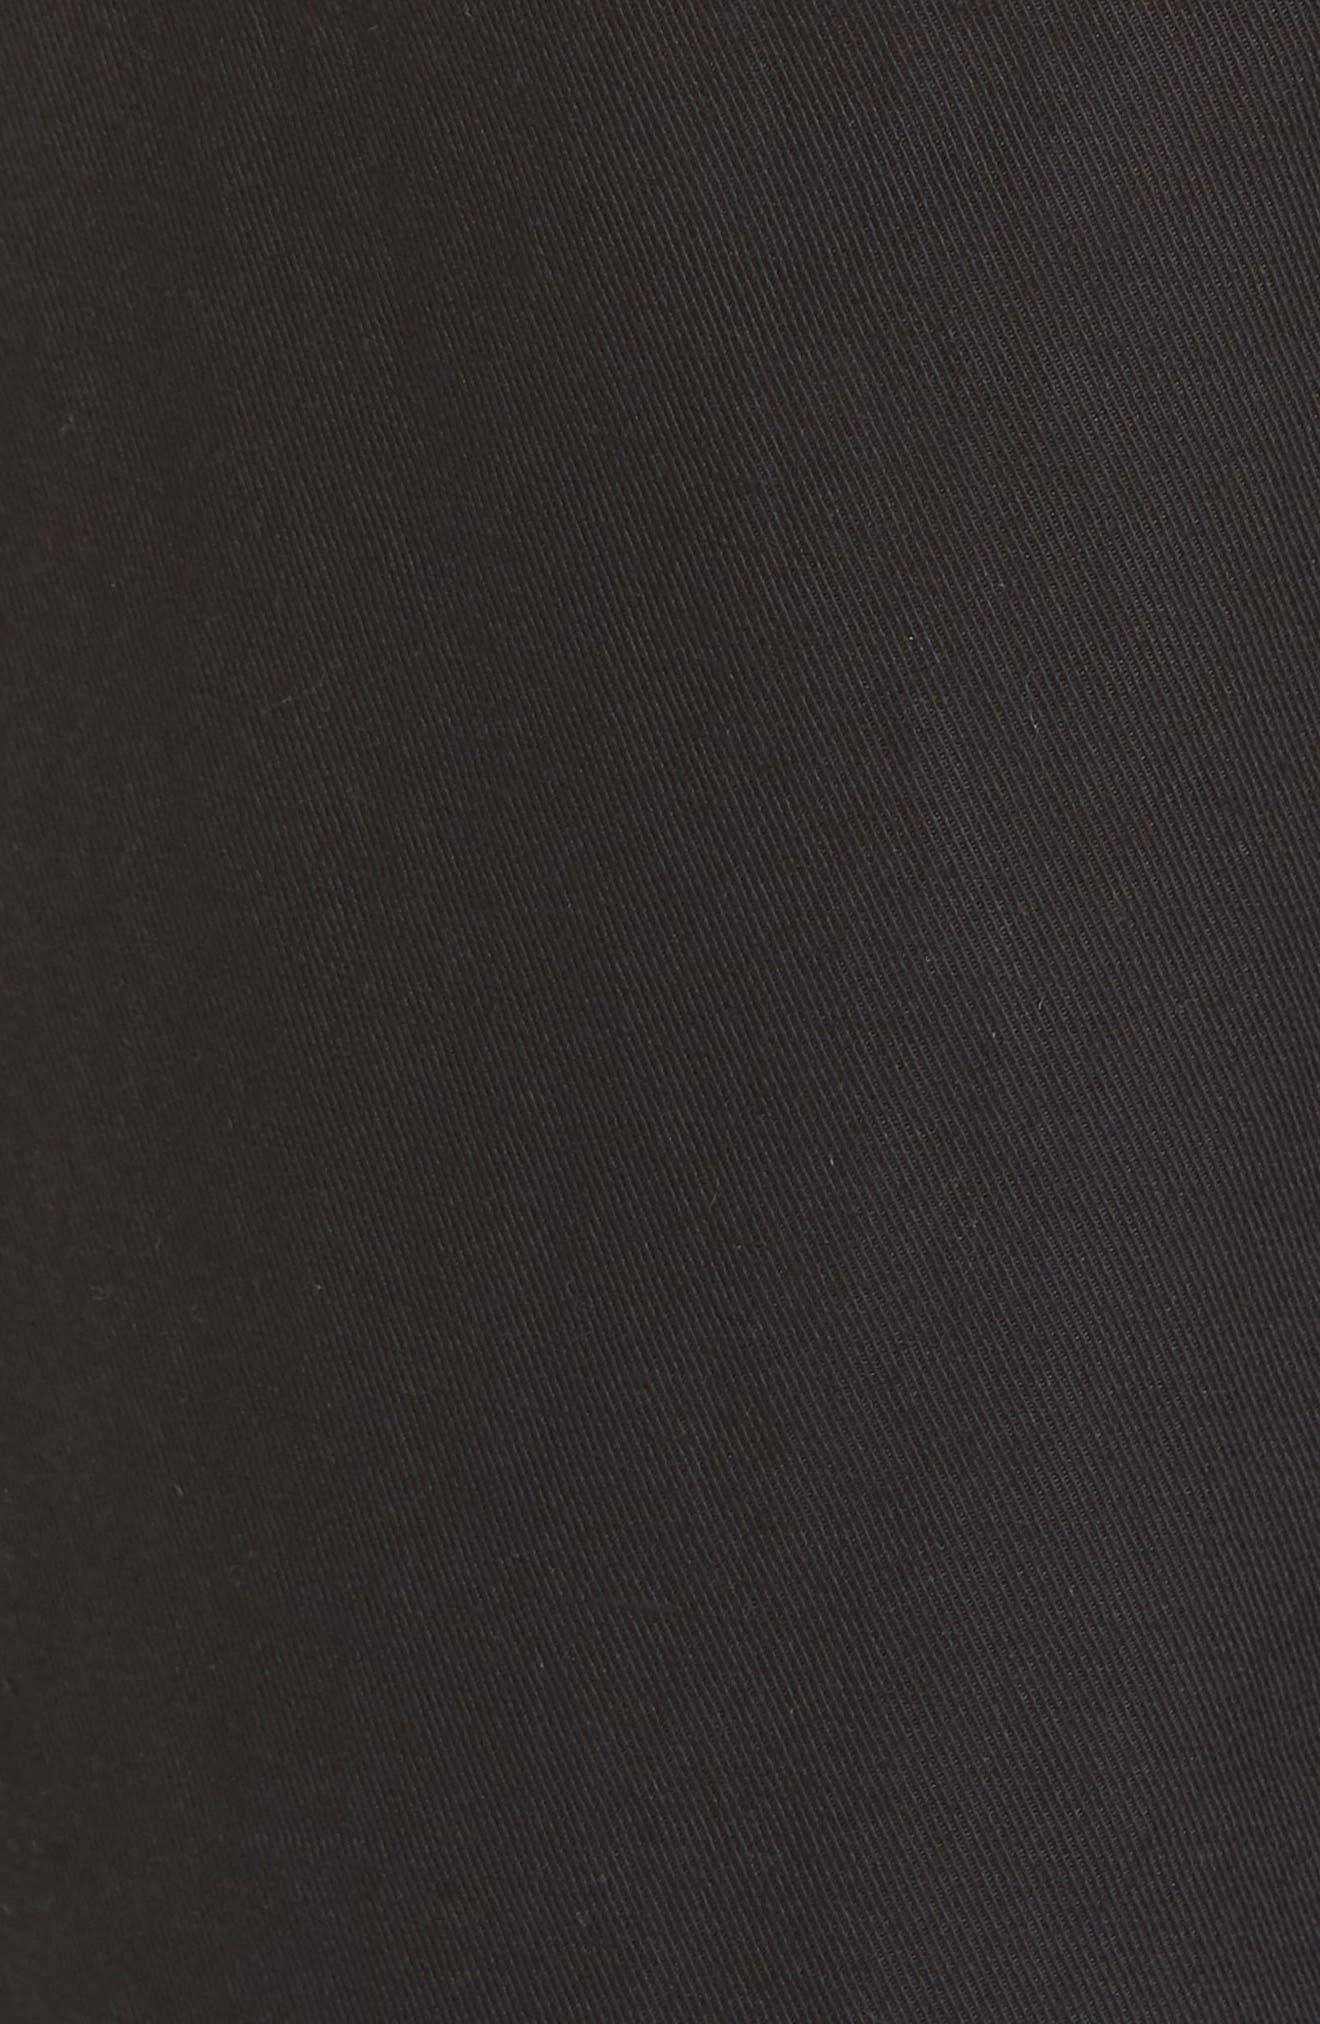 High Rise Linen Cotton Crop Pants,                             Alternate thumbnail 5, color,                             BLACK